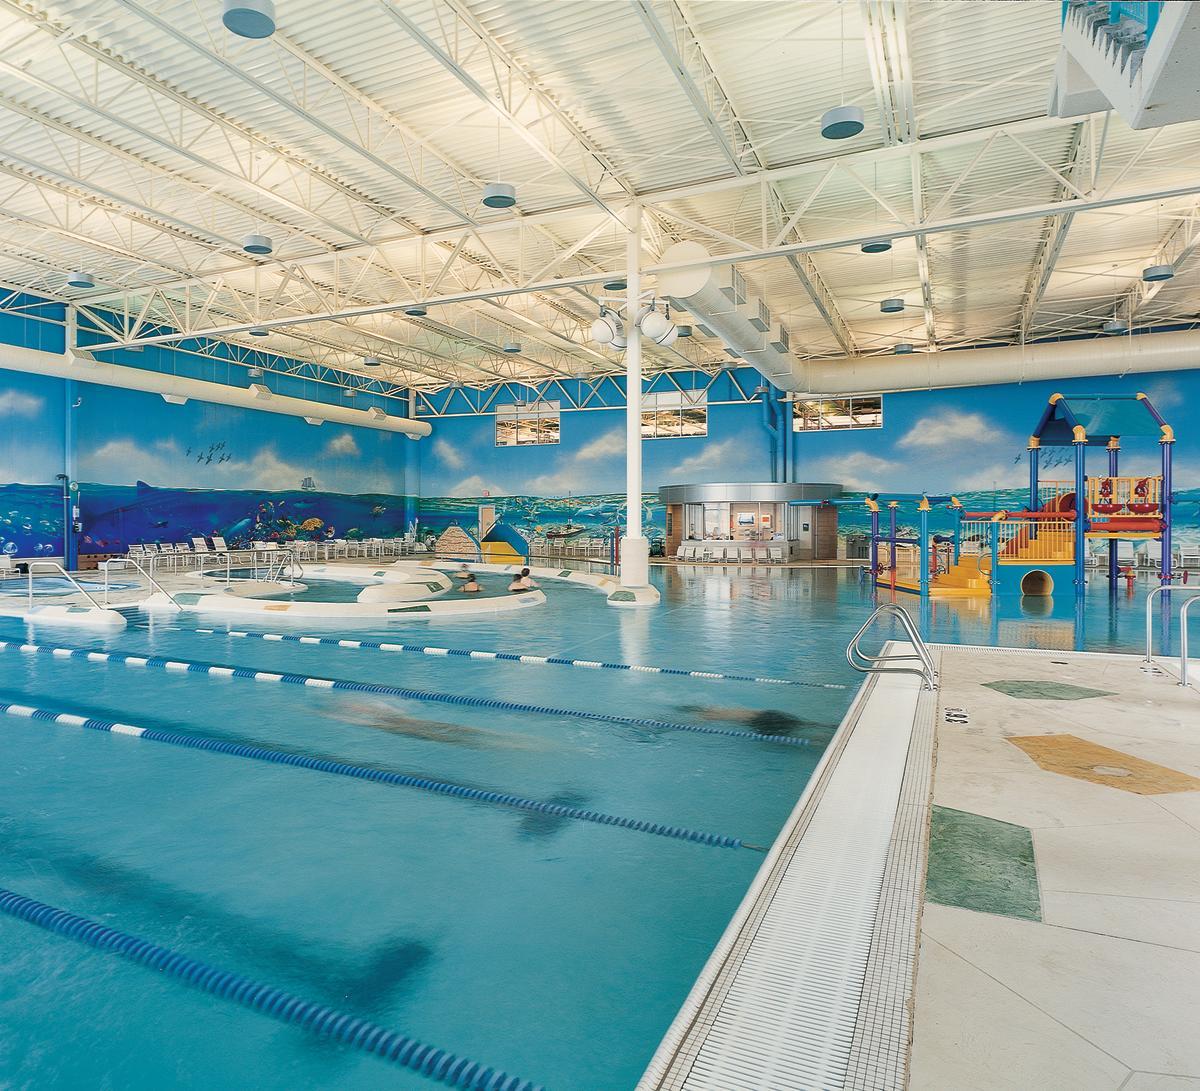 RecPlex Indoor Water Park